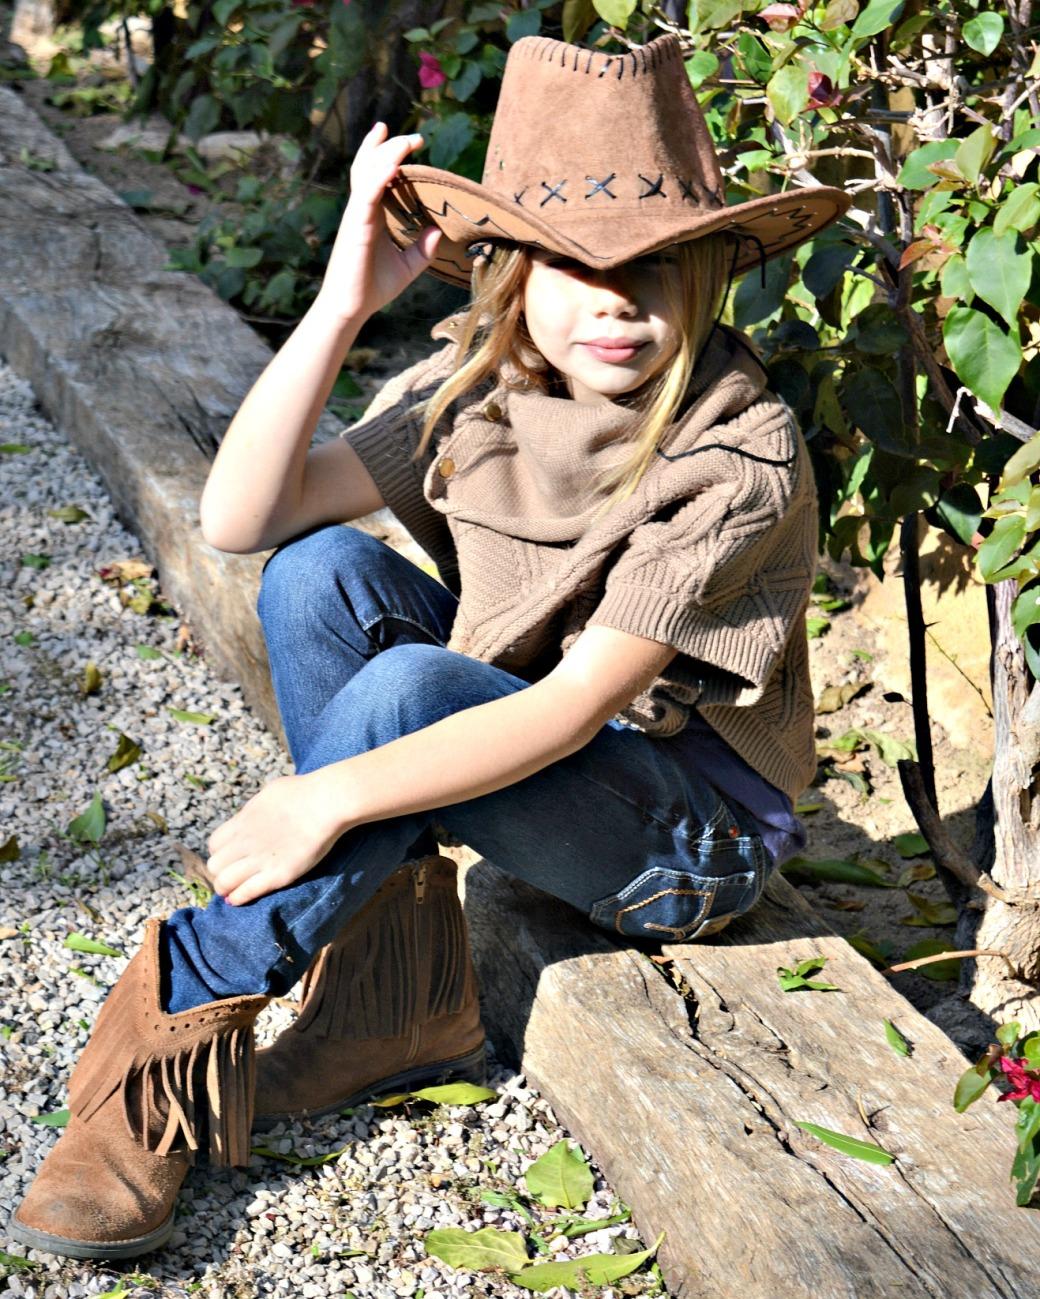 calzados-piulin-marianitas-tlp-blog-de-moda-infantil